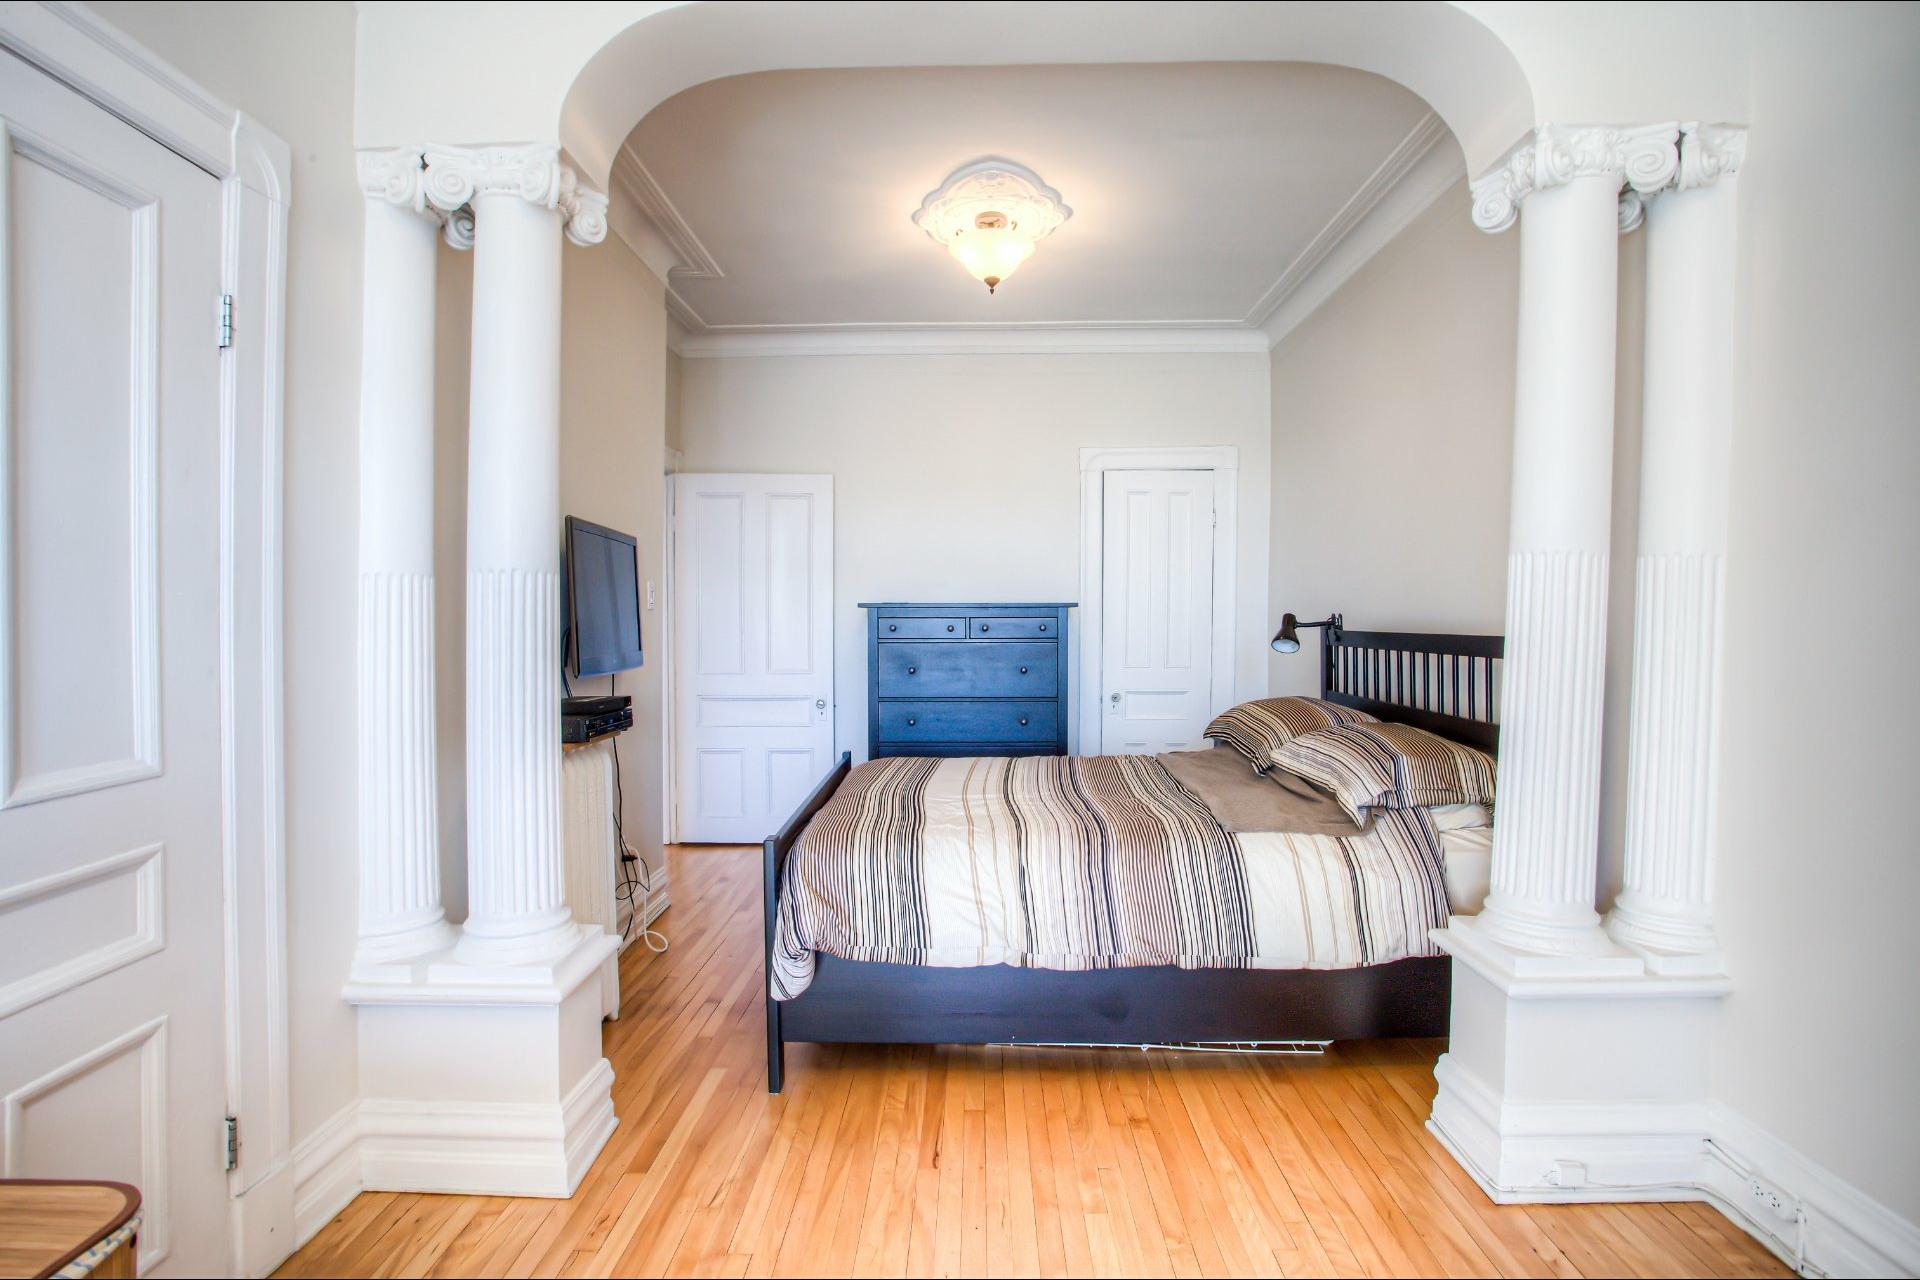 image 2 - Appartement À vendre Rosemont/La Petite-Patrie Montréal  - 8 pièces